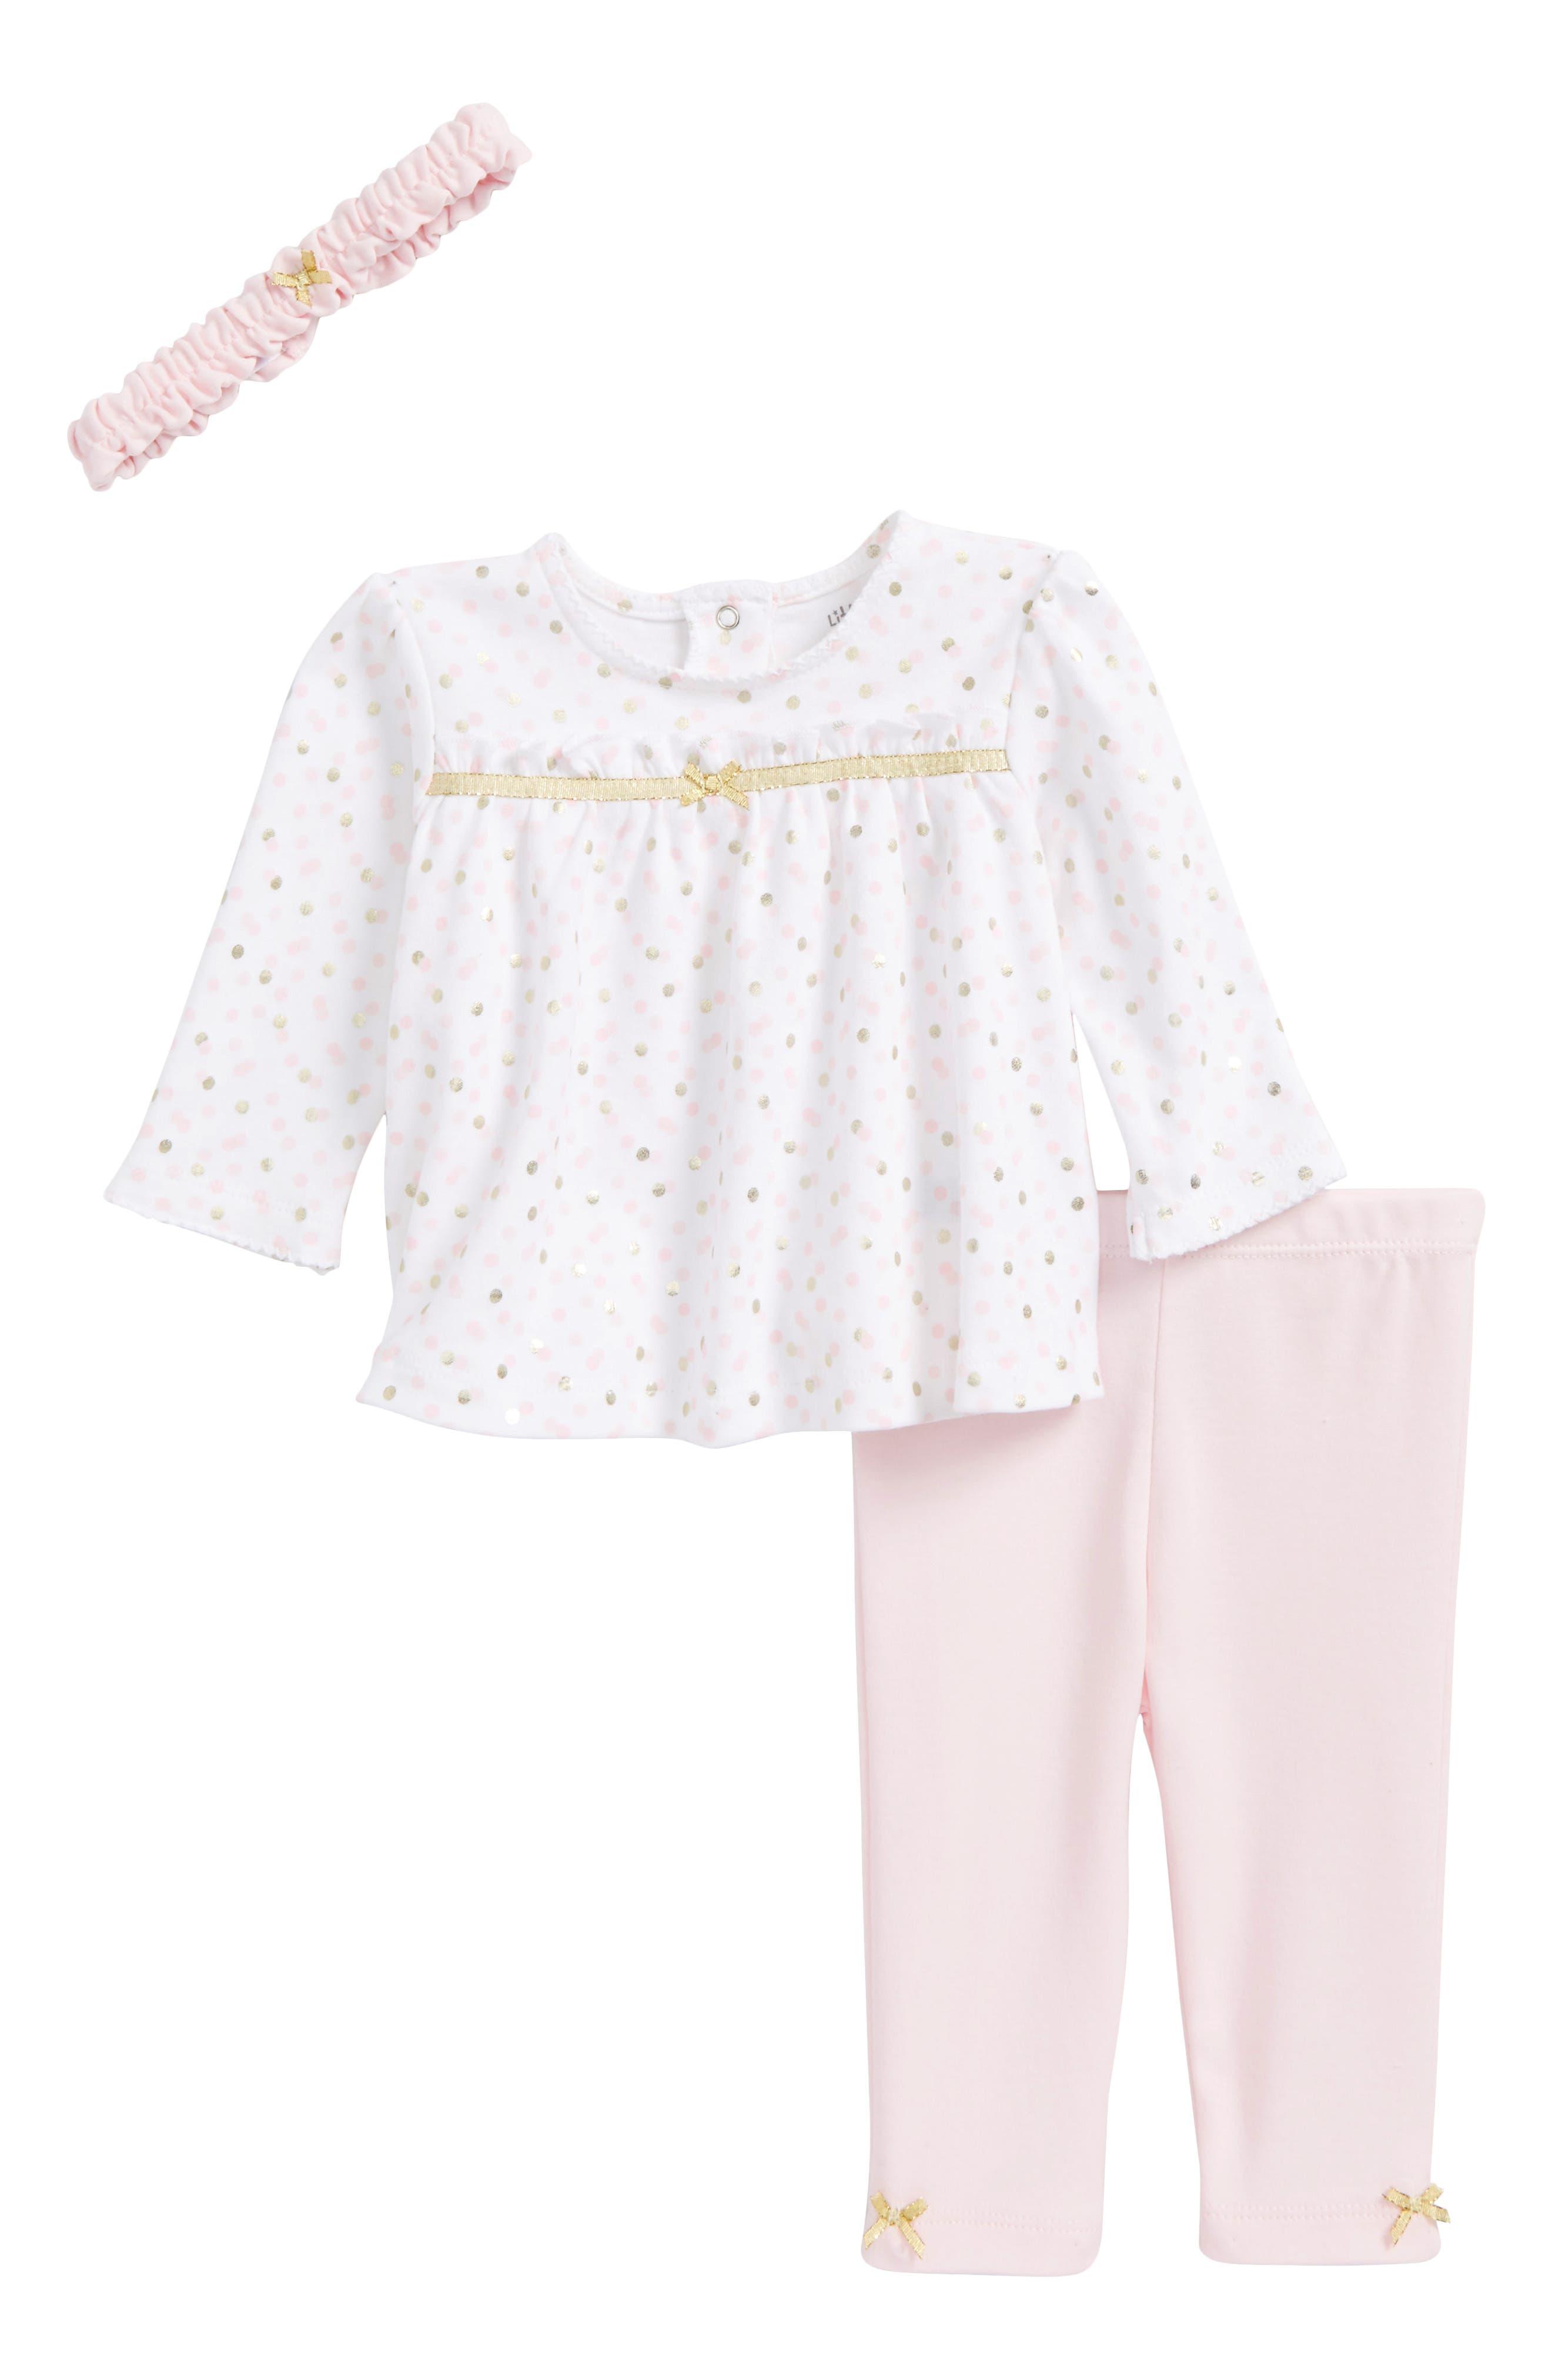 Alternate Image 1 Selected - Little Me Shimmer Dot Tunic, Leggings & Headband Set (Baby Girls)